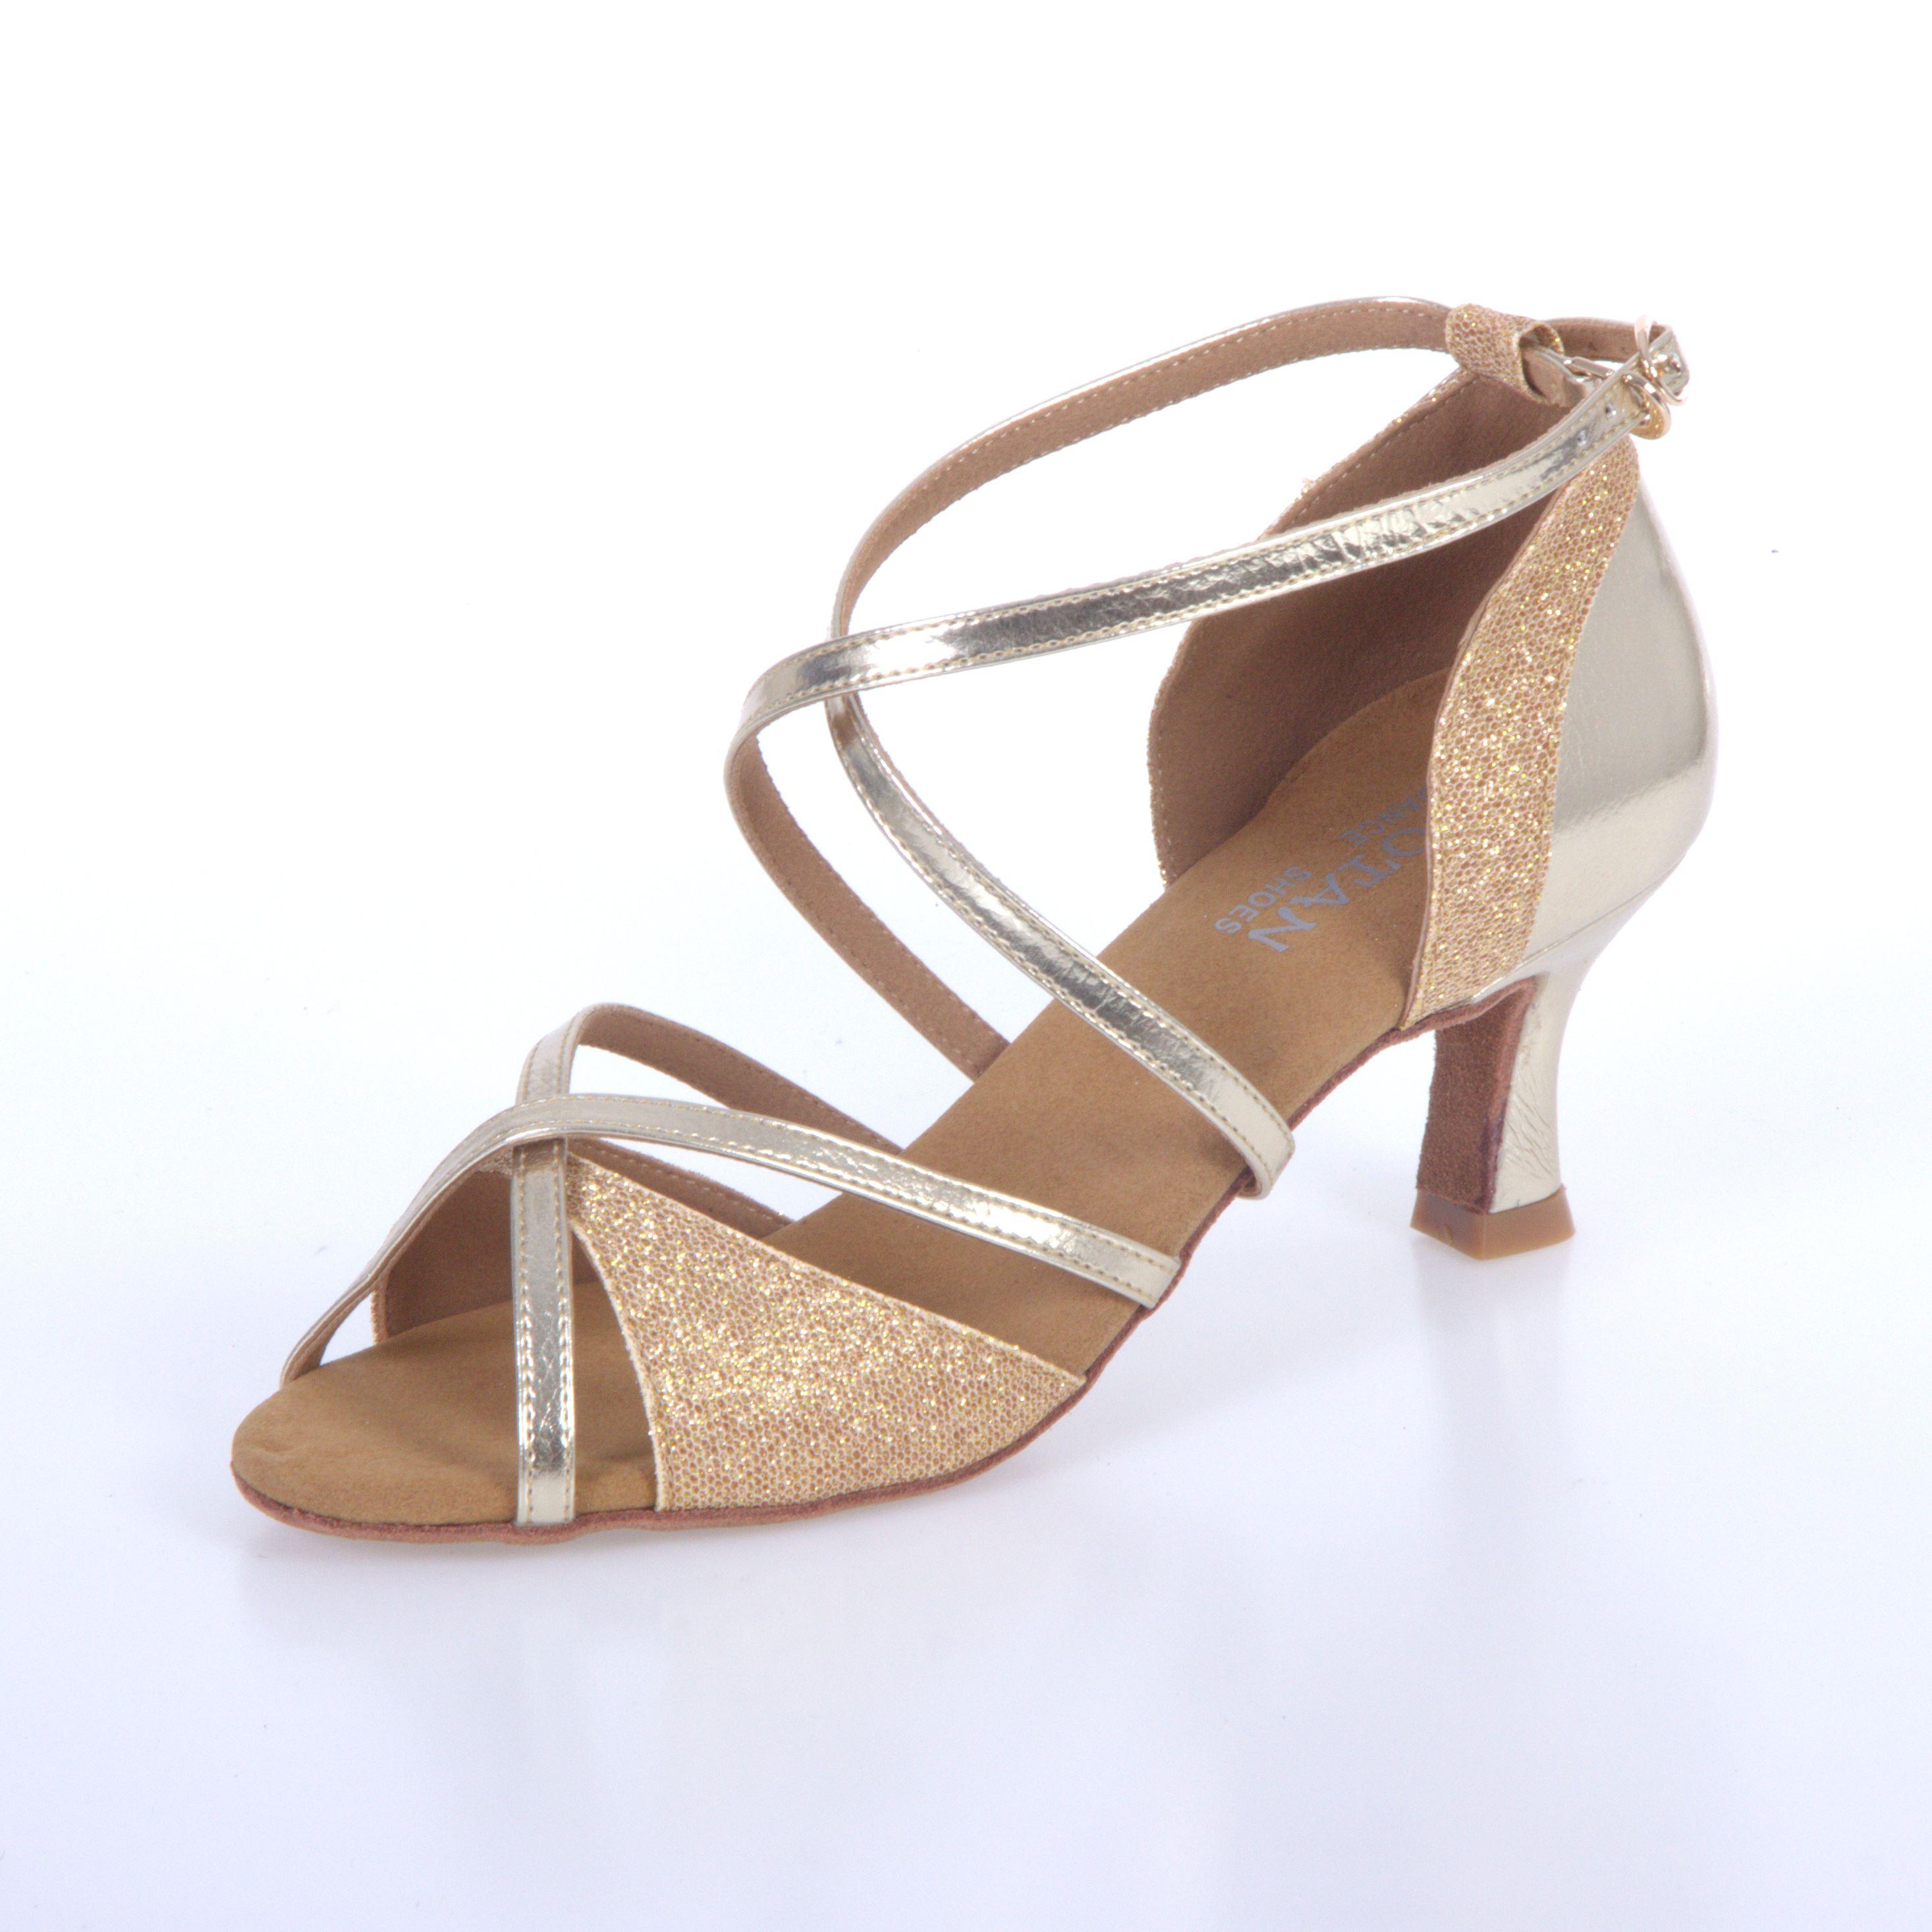 4e8982ecf171d Tanečné topánky Botan BL-49S zlatá 6,5 cm Flare empty